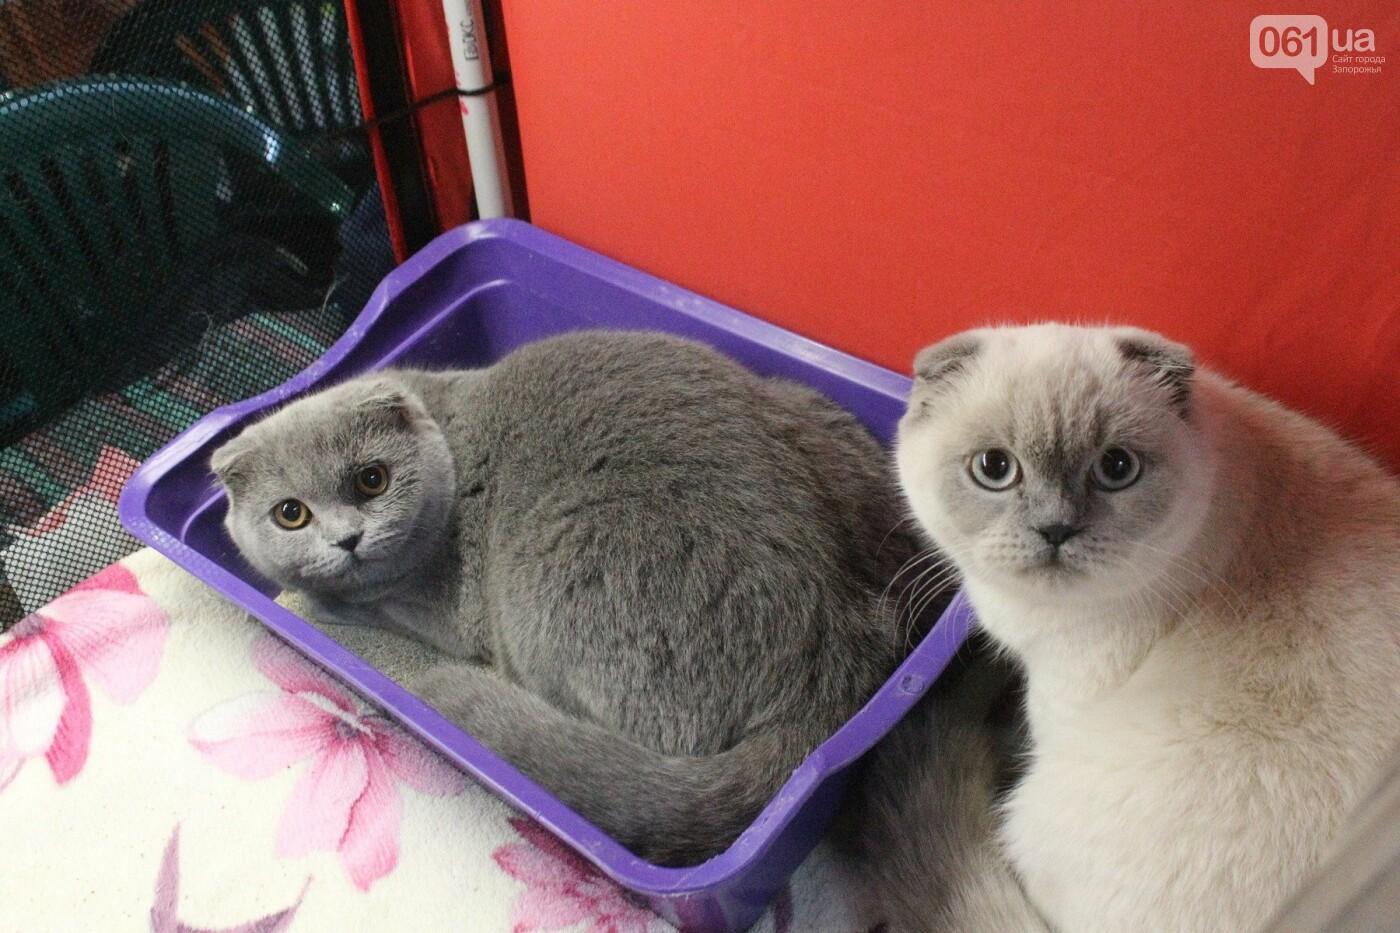 Как в Запорожье проходит международная выставка кошек, – ФОТОРЕПОРТАЖ, фото-58